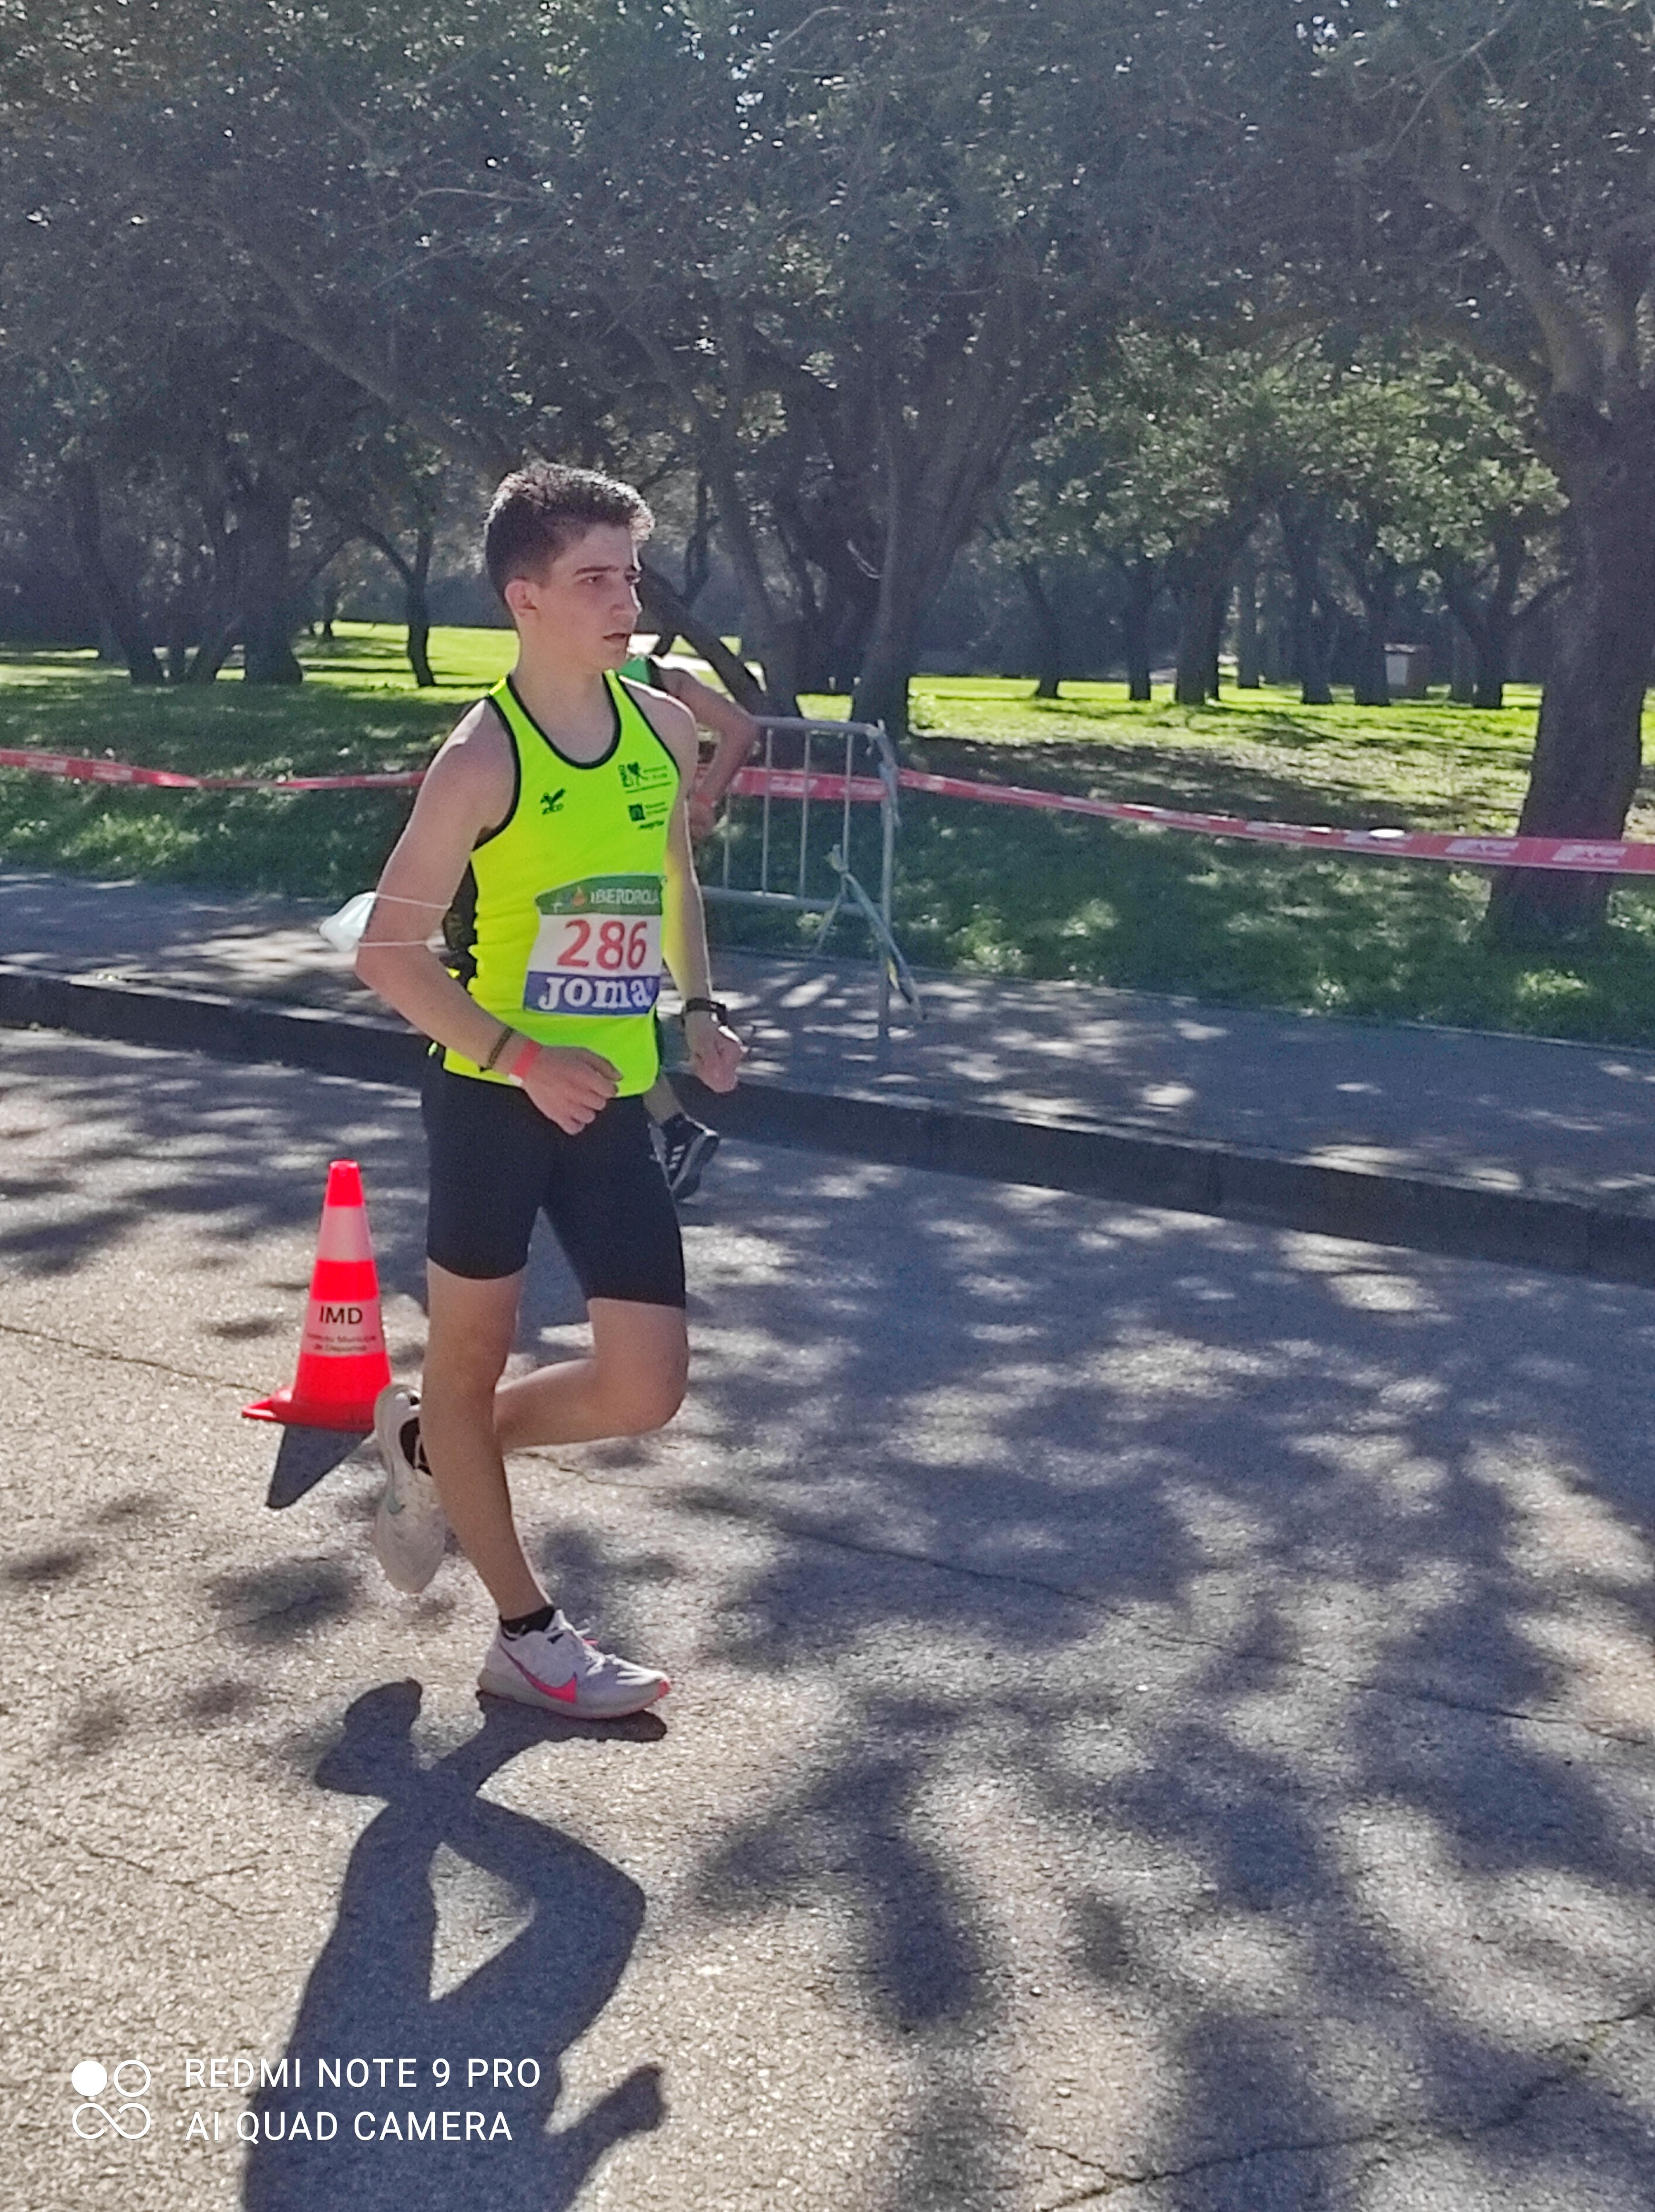 Representación segoviana en el Campeonato de España de Marcha en Ruta